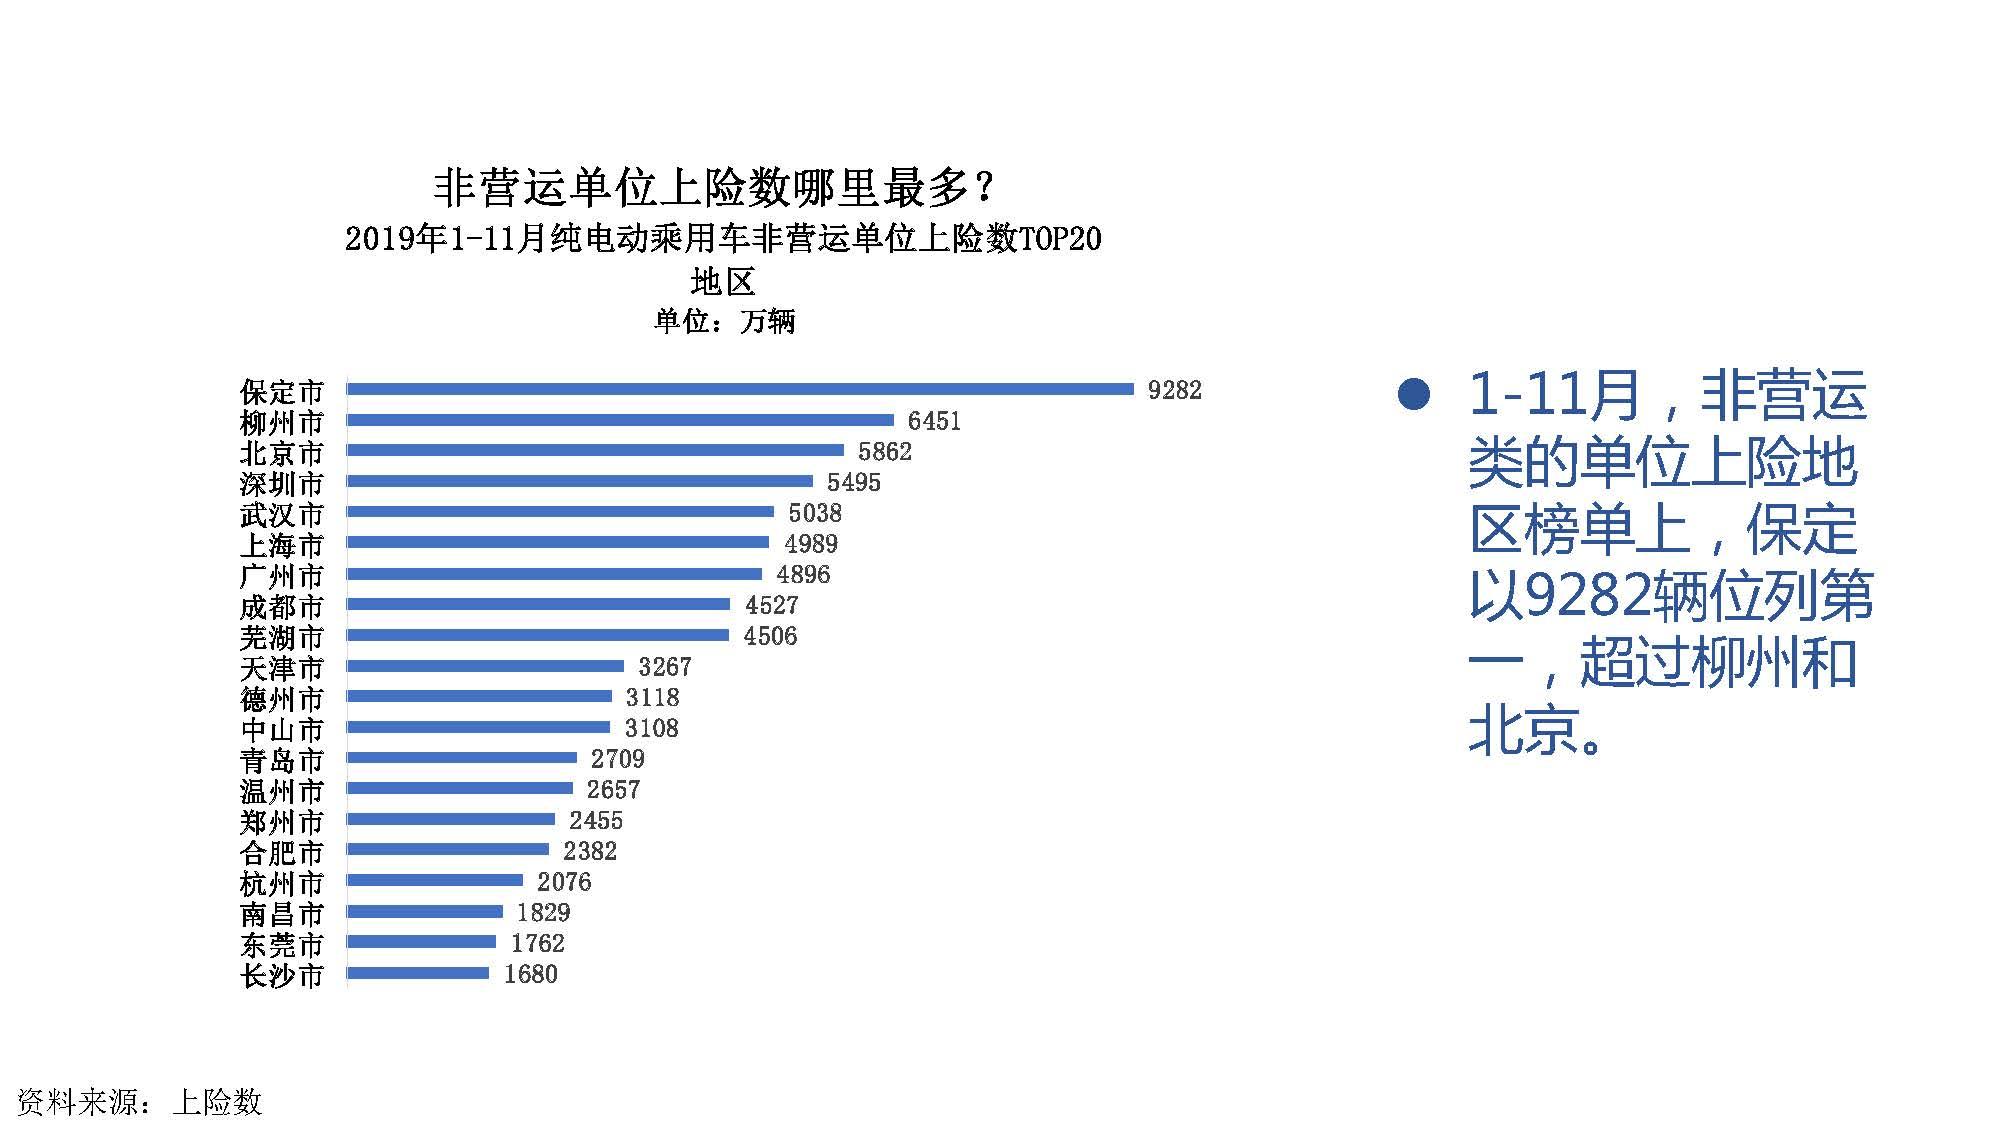 2019年11月中国新能源汽车产业观察_页面_065